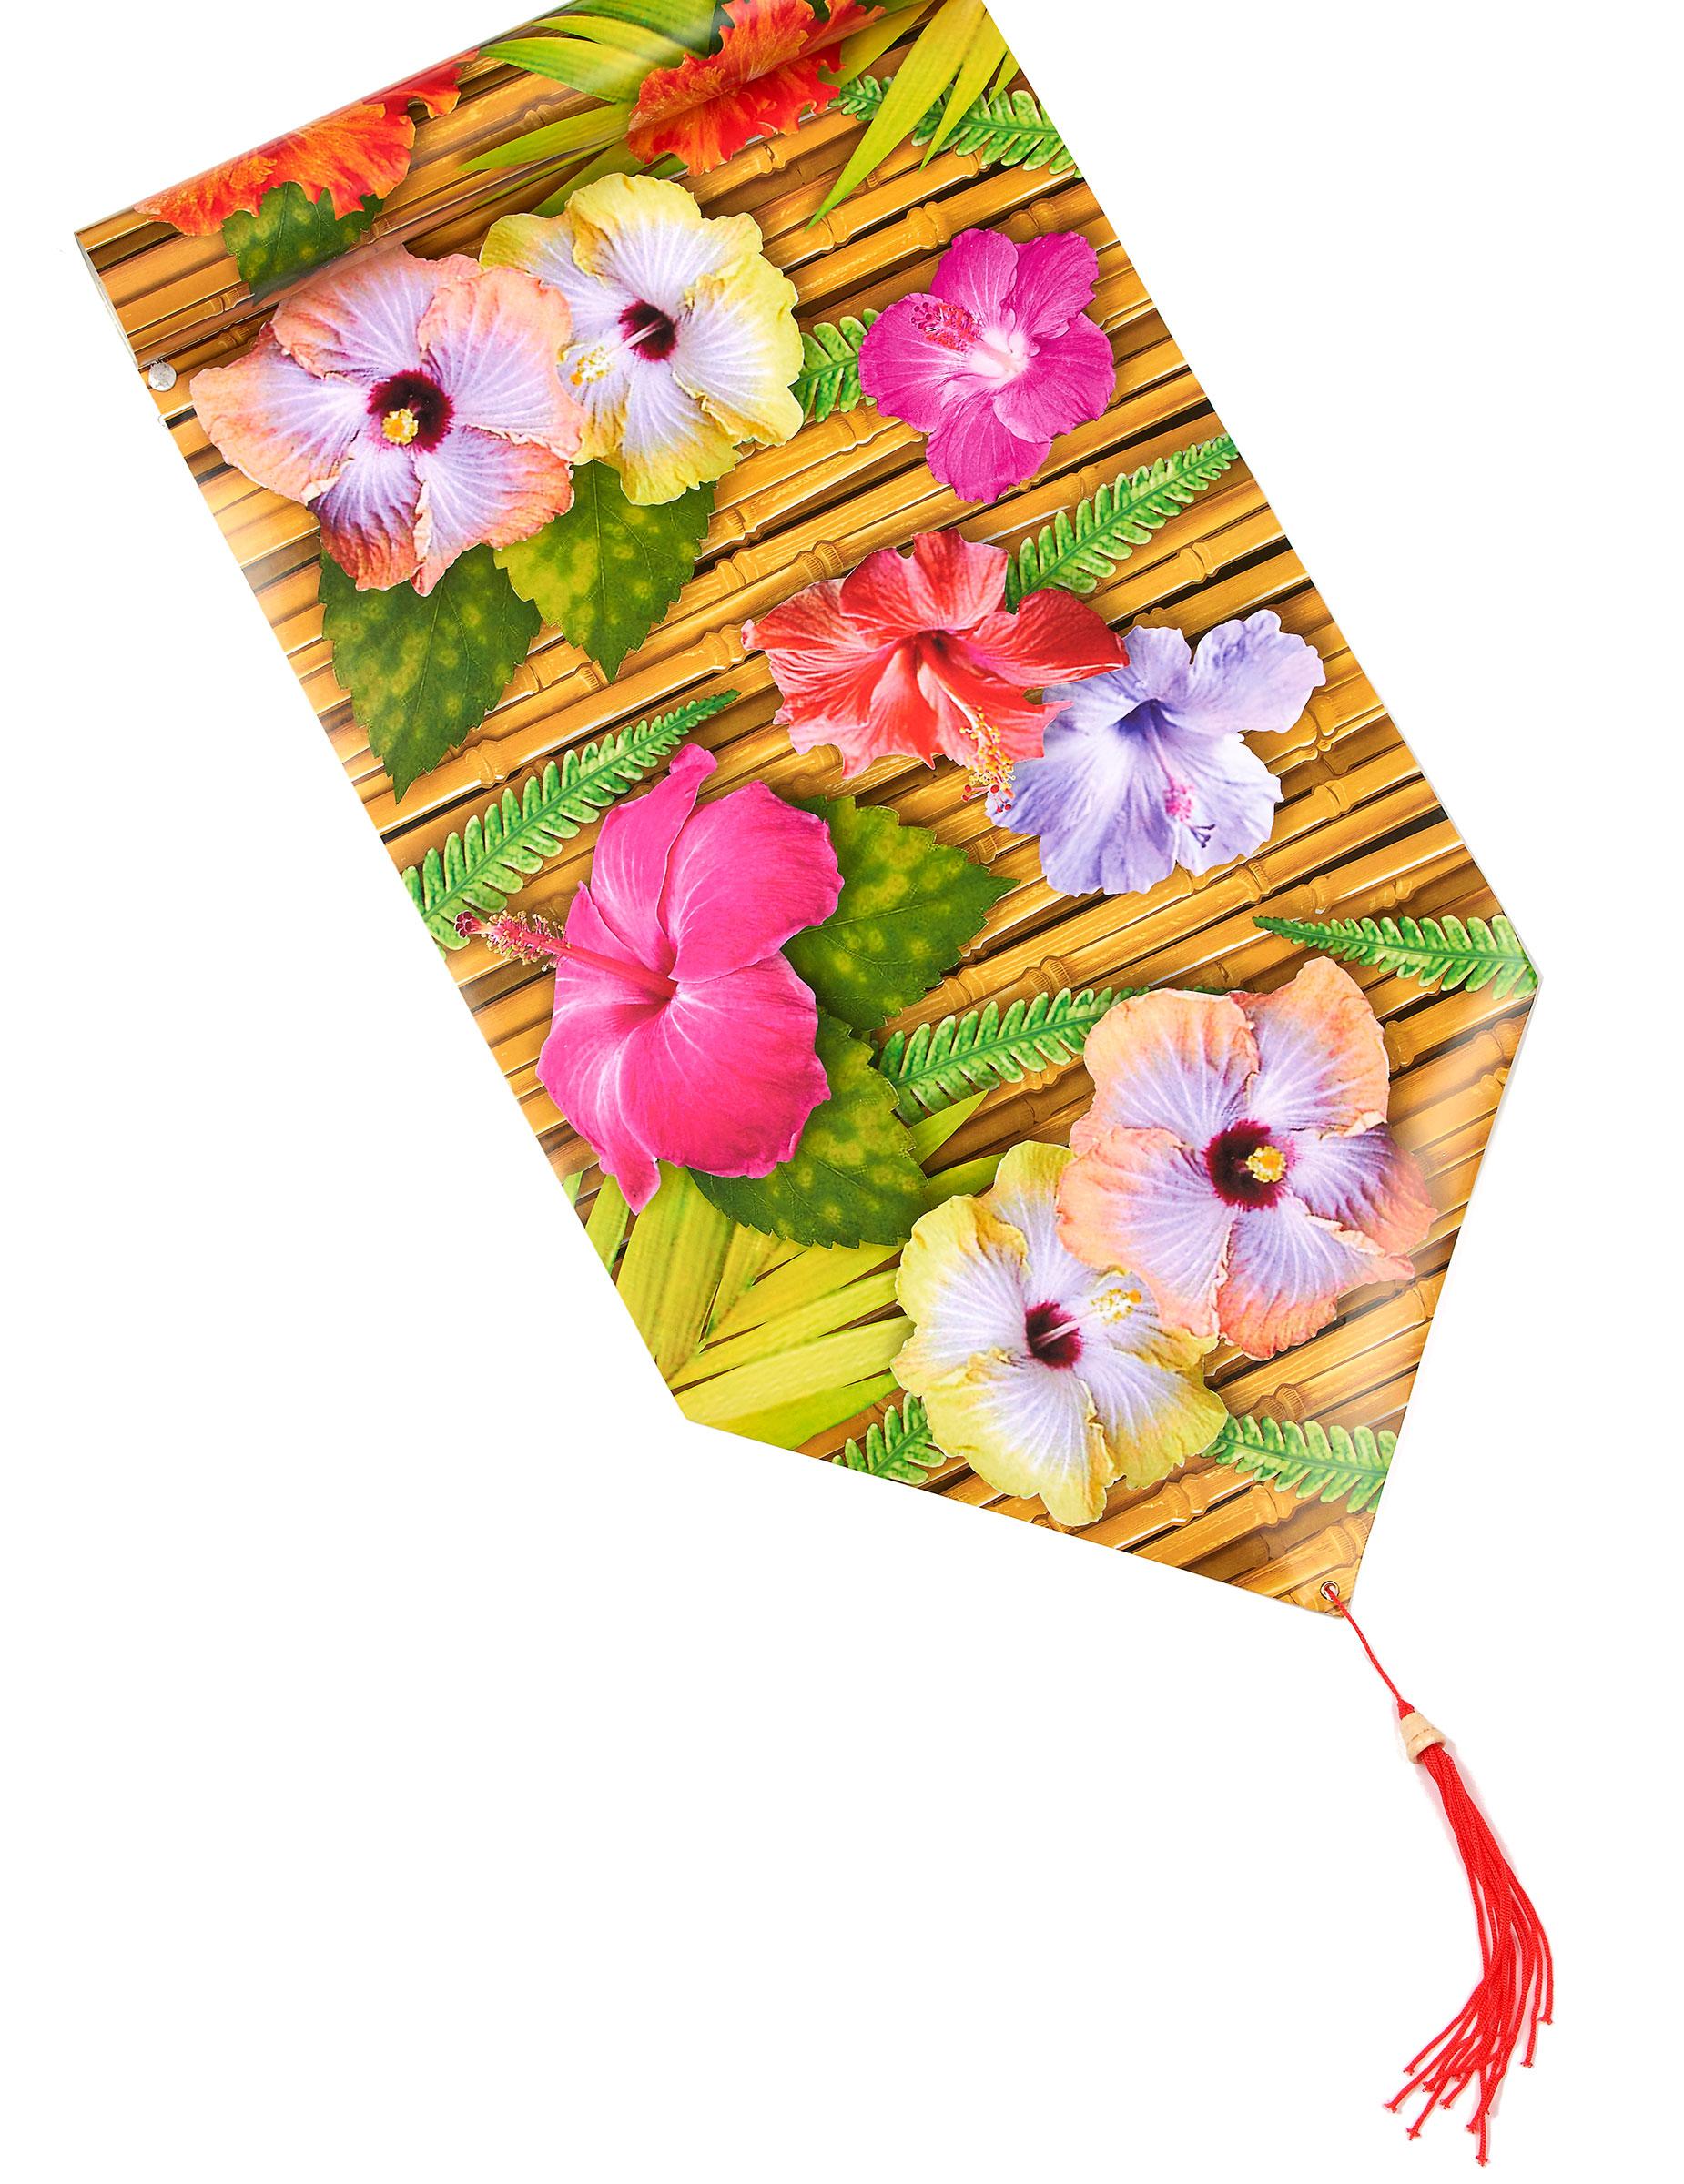 chemin de table fleur d 39 hibiscus hawa 1 8 m tres d coration anniversaire et f tes th me sur. Black Bedroom Furniture Sets. Home Design Ideas